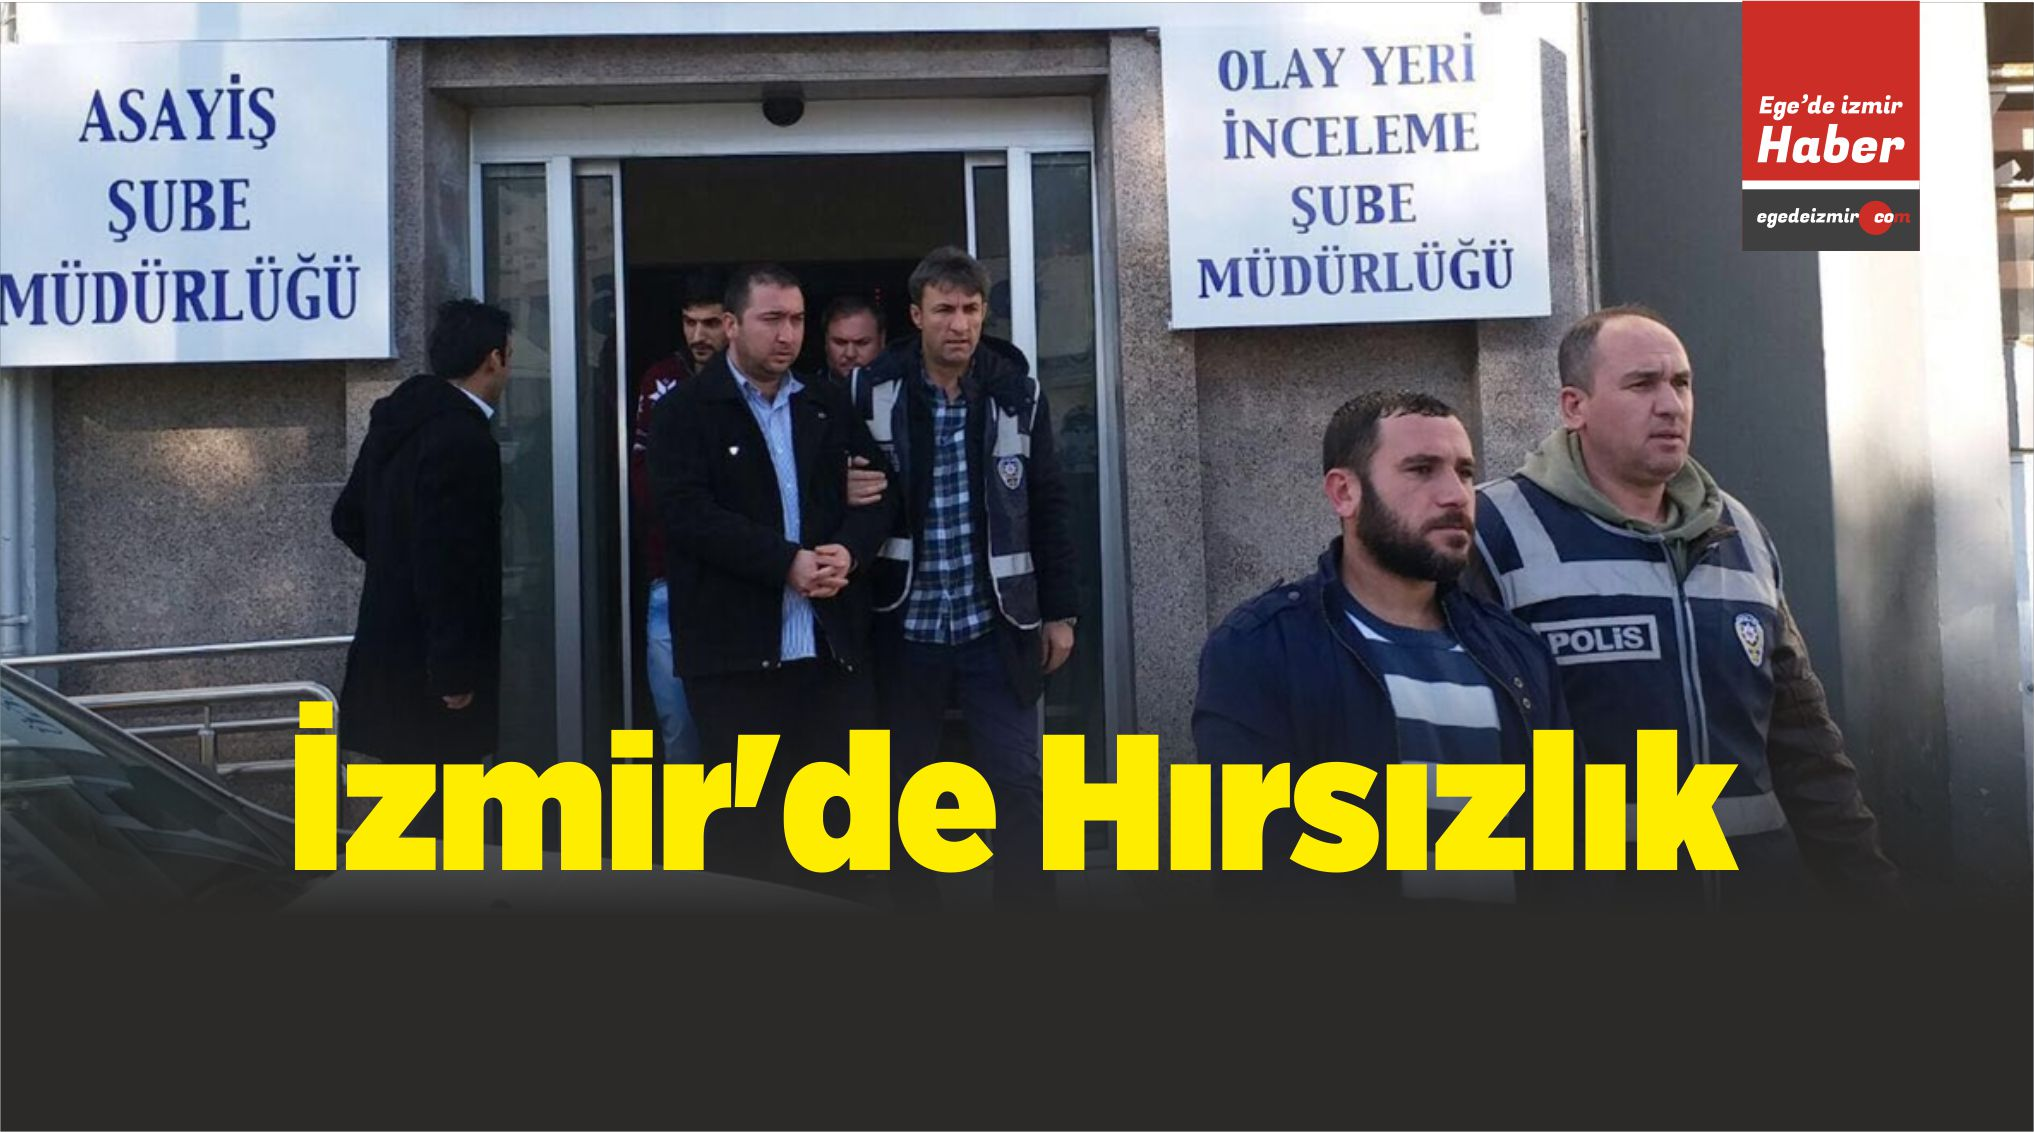 İzmir'de Hırsızlık